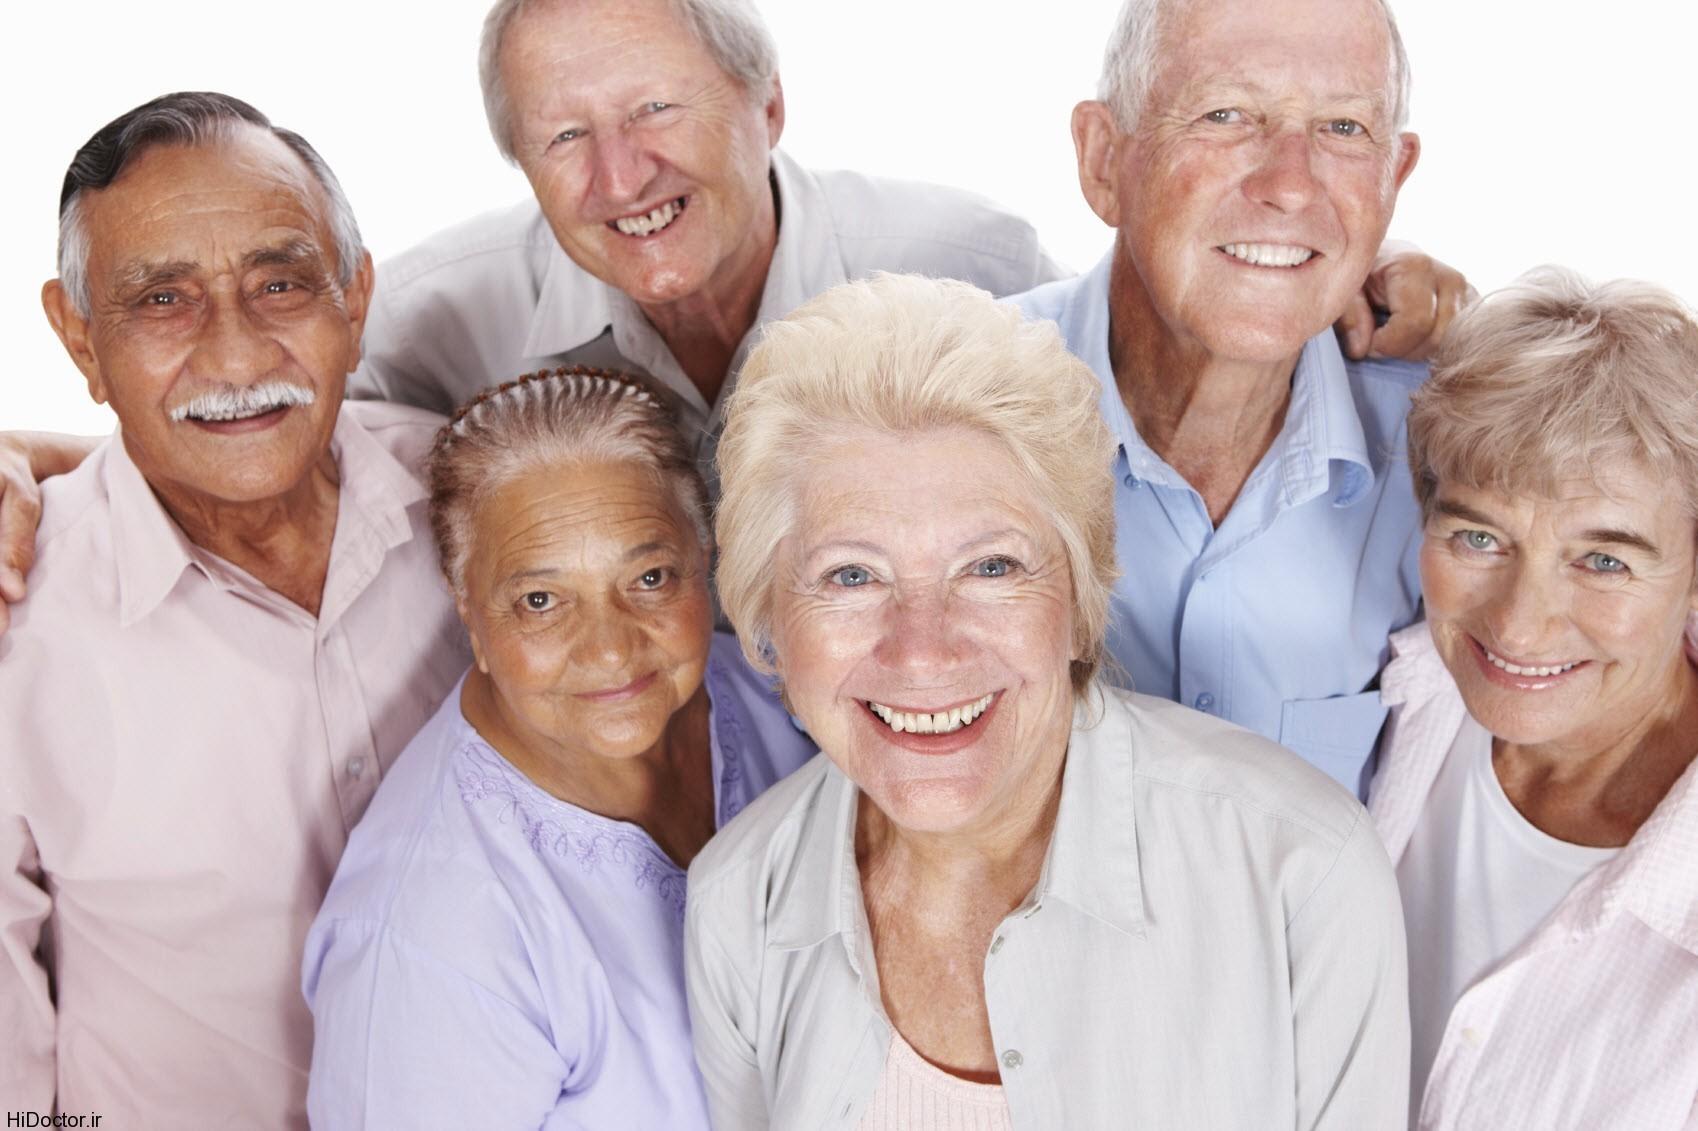 شرایط مصرف قرص متفورمین در بین افراد سالمند